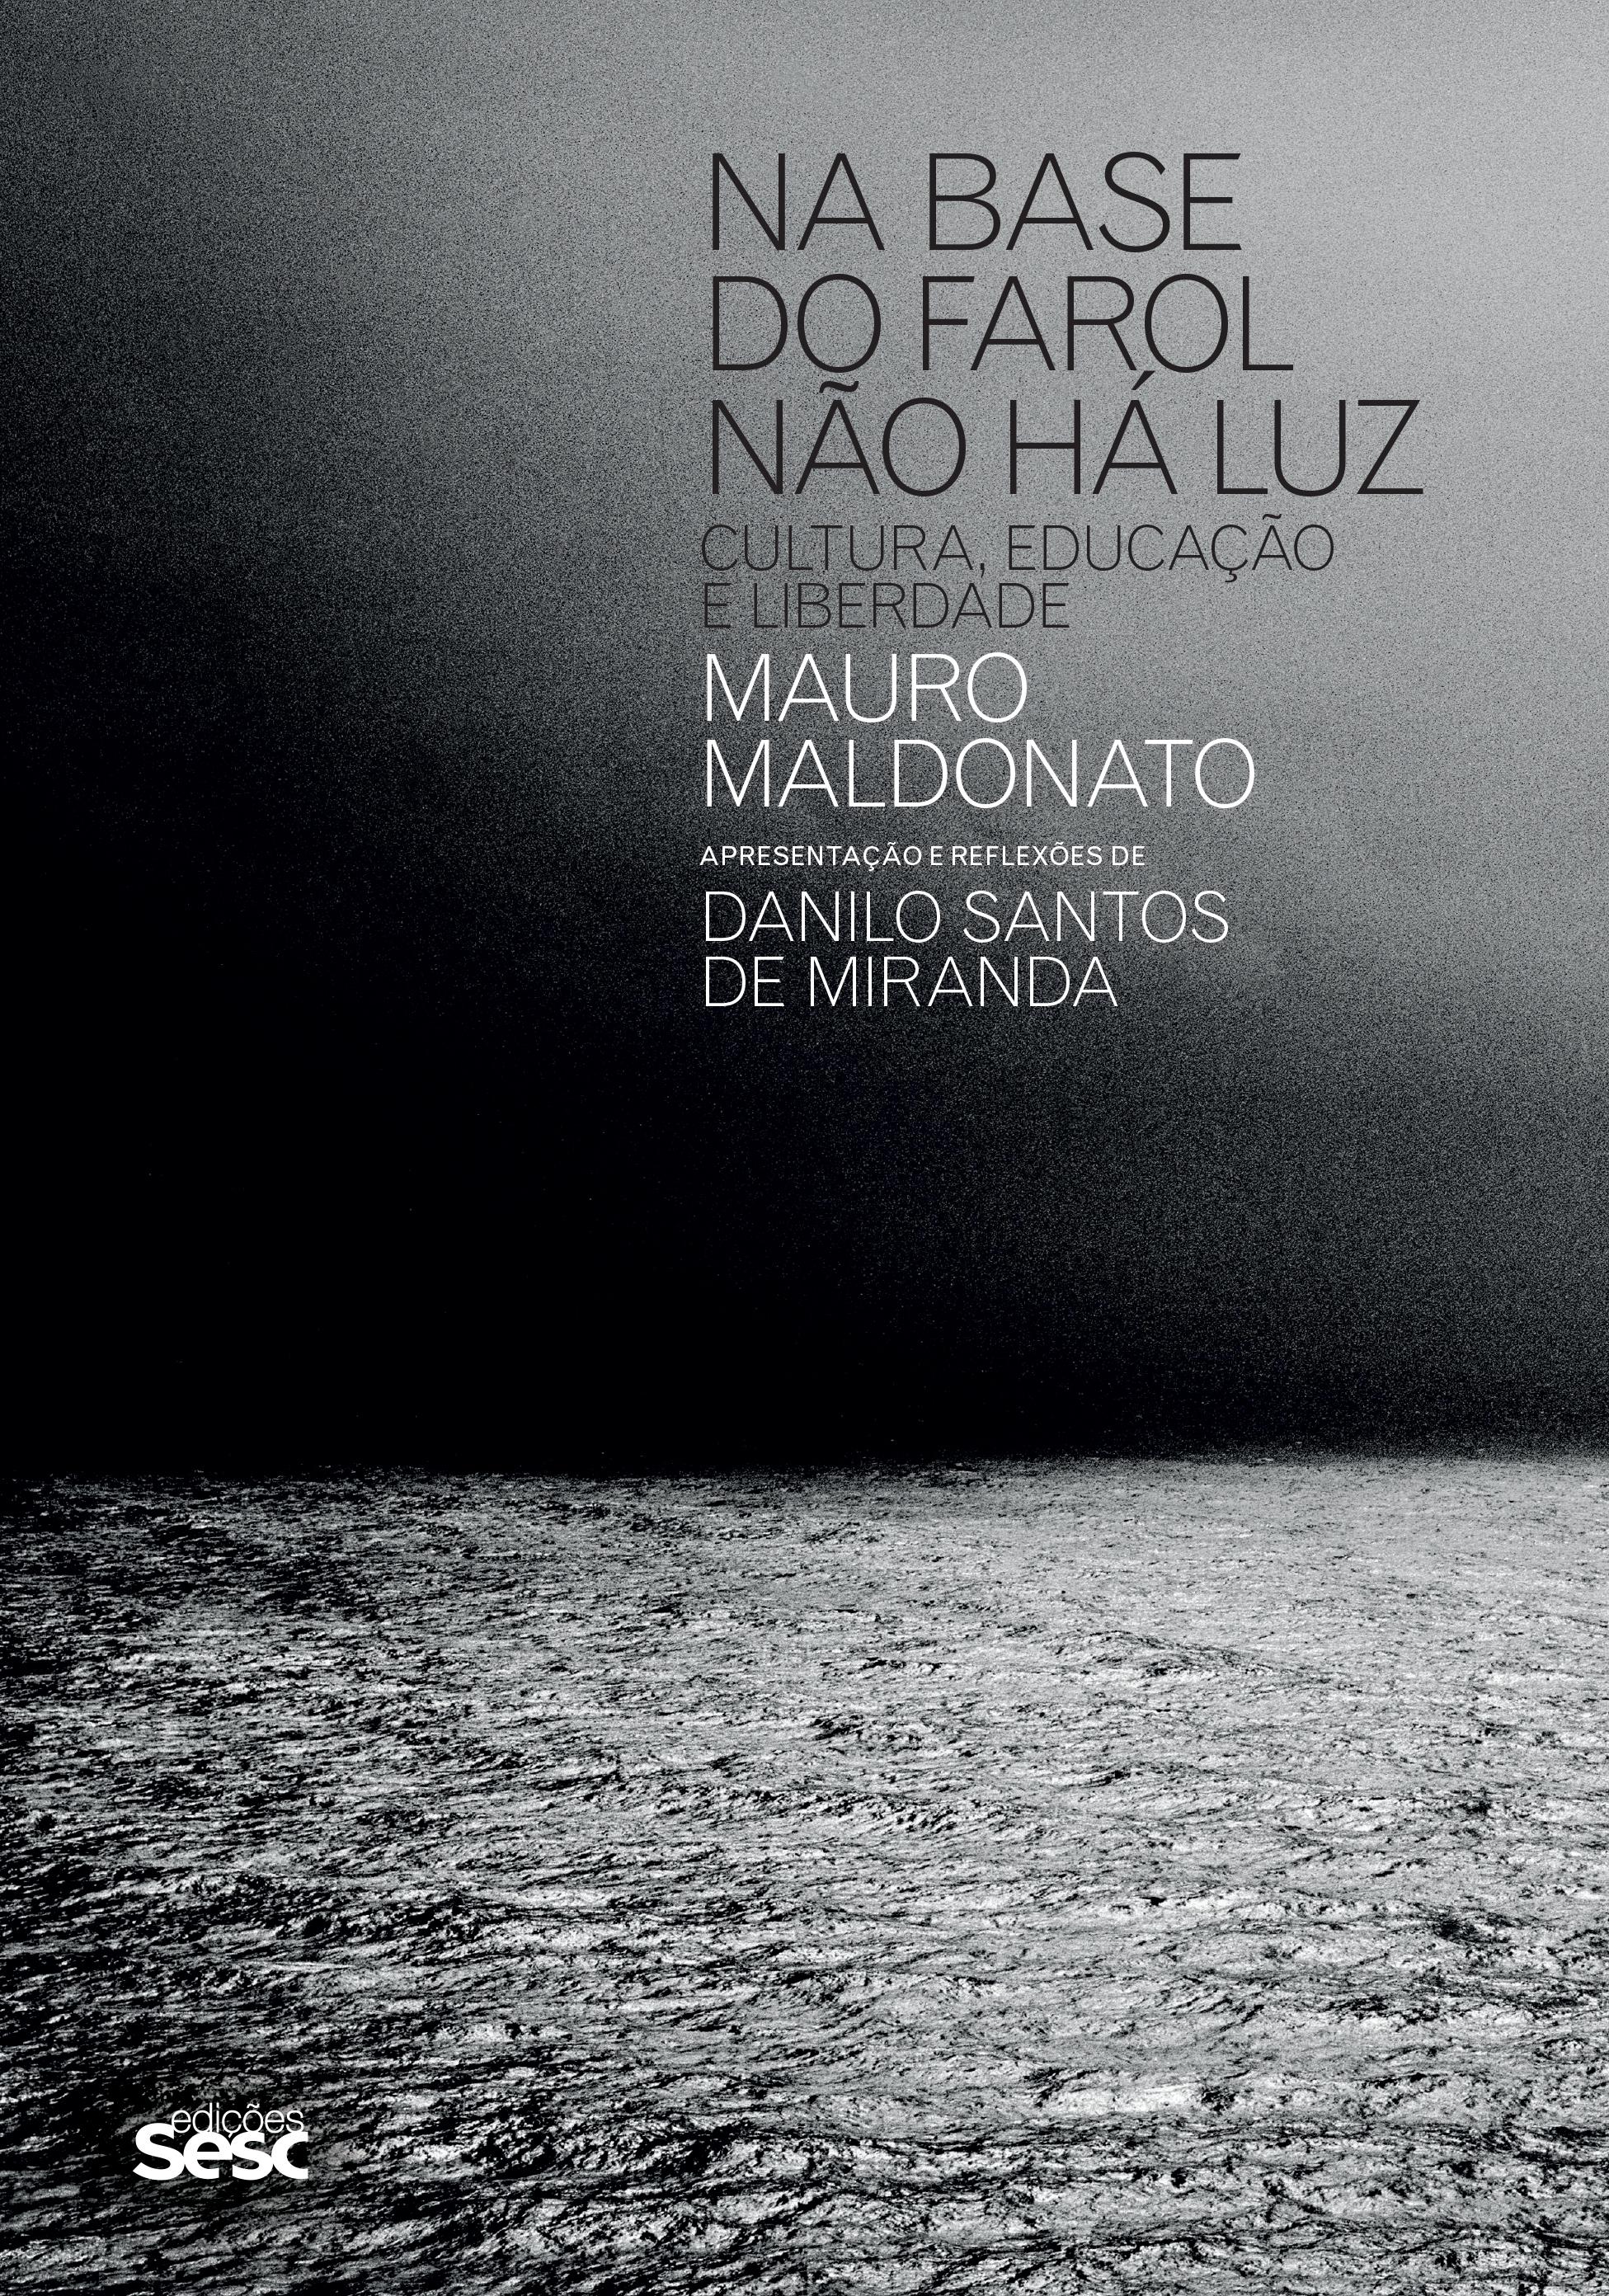 copertina_NA BASE DO FAROL NÃO HÁ LUZ_MAURO MALDONATO